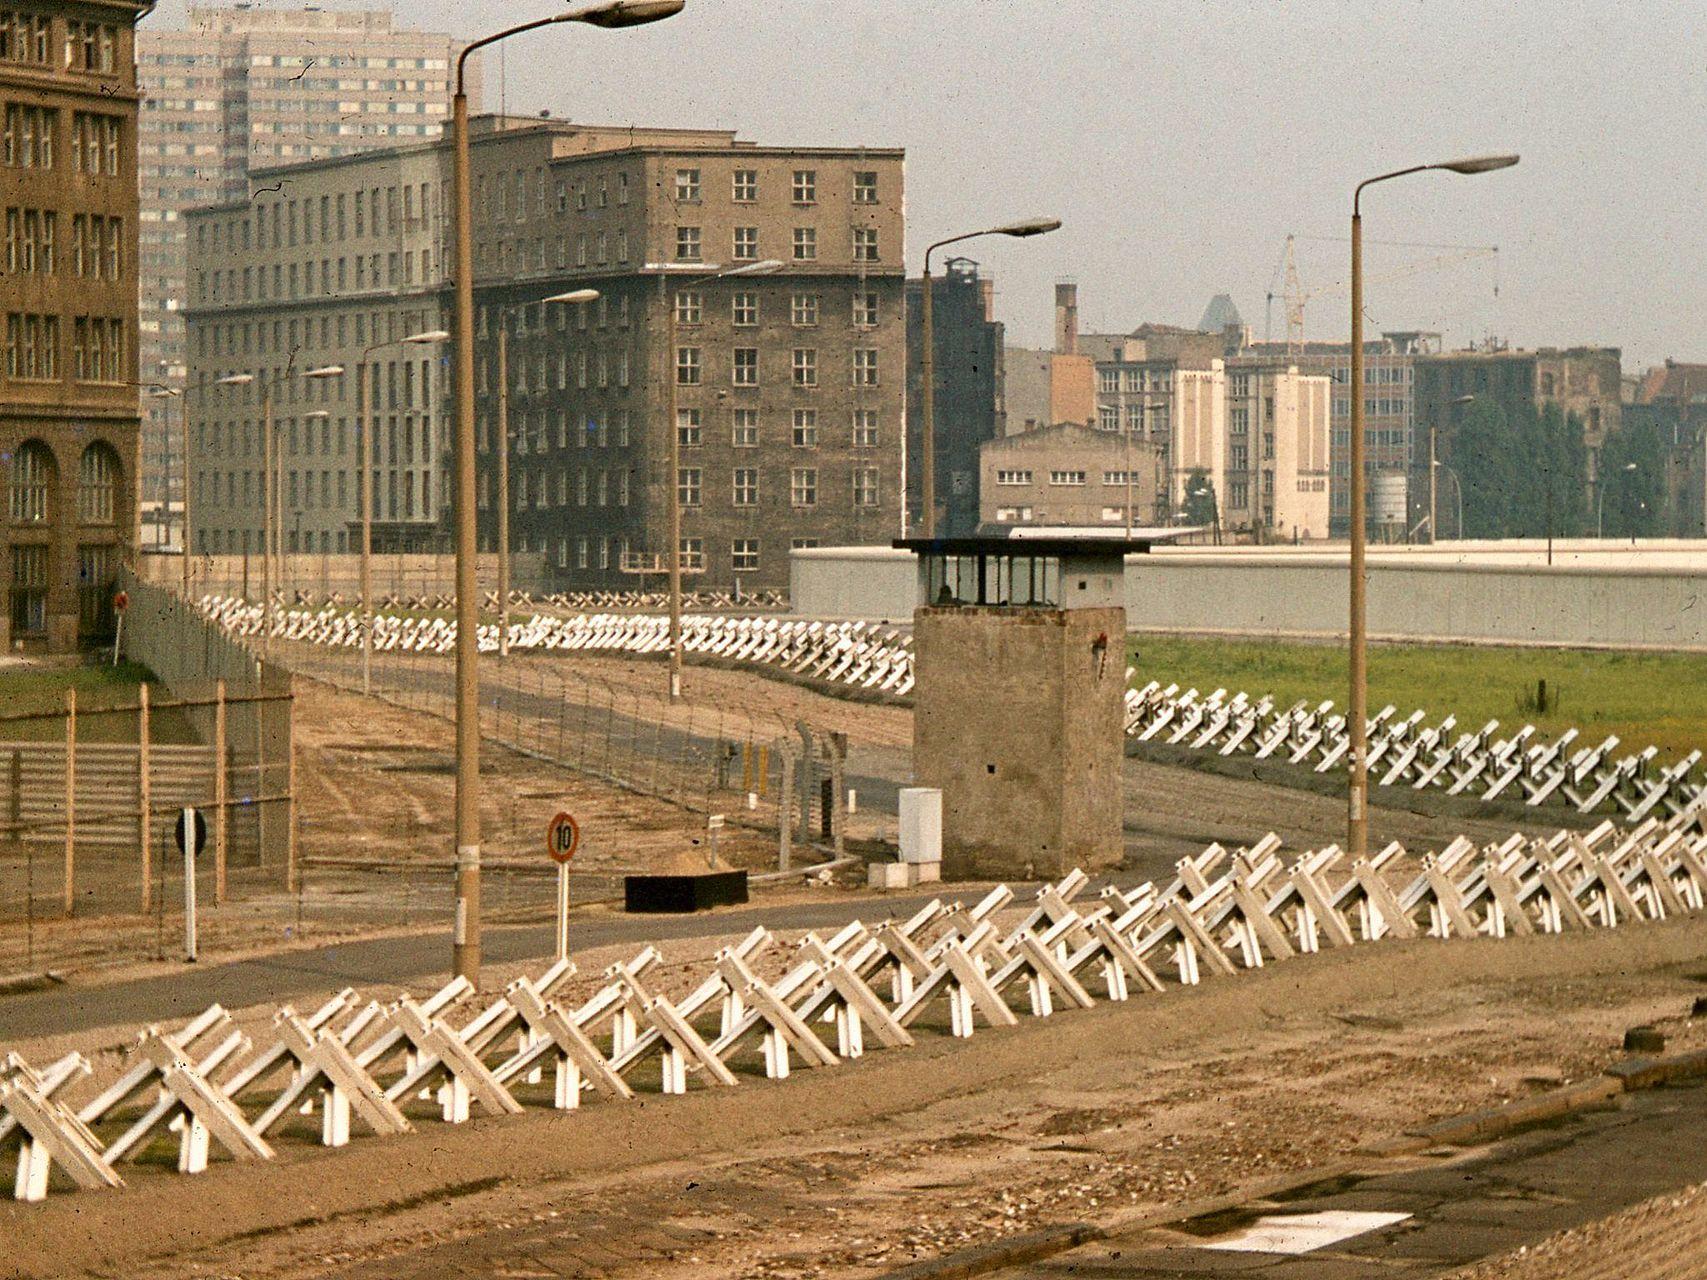 berlin wall wikipedia berlin hauptstadt berliner on berlin wall id=29218